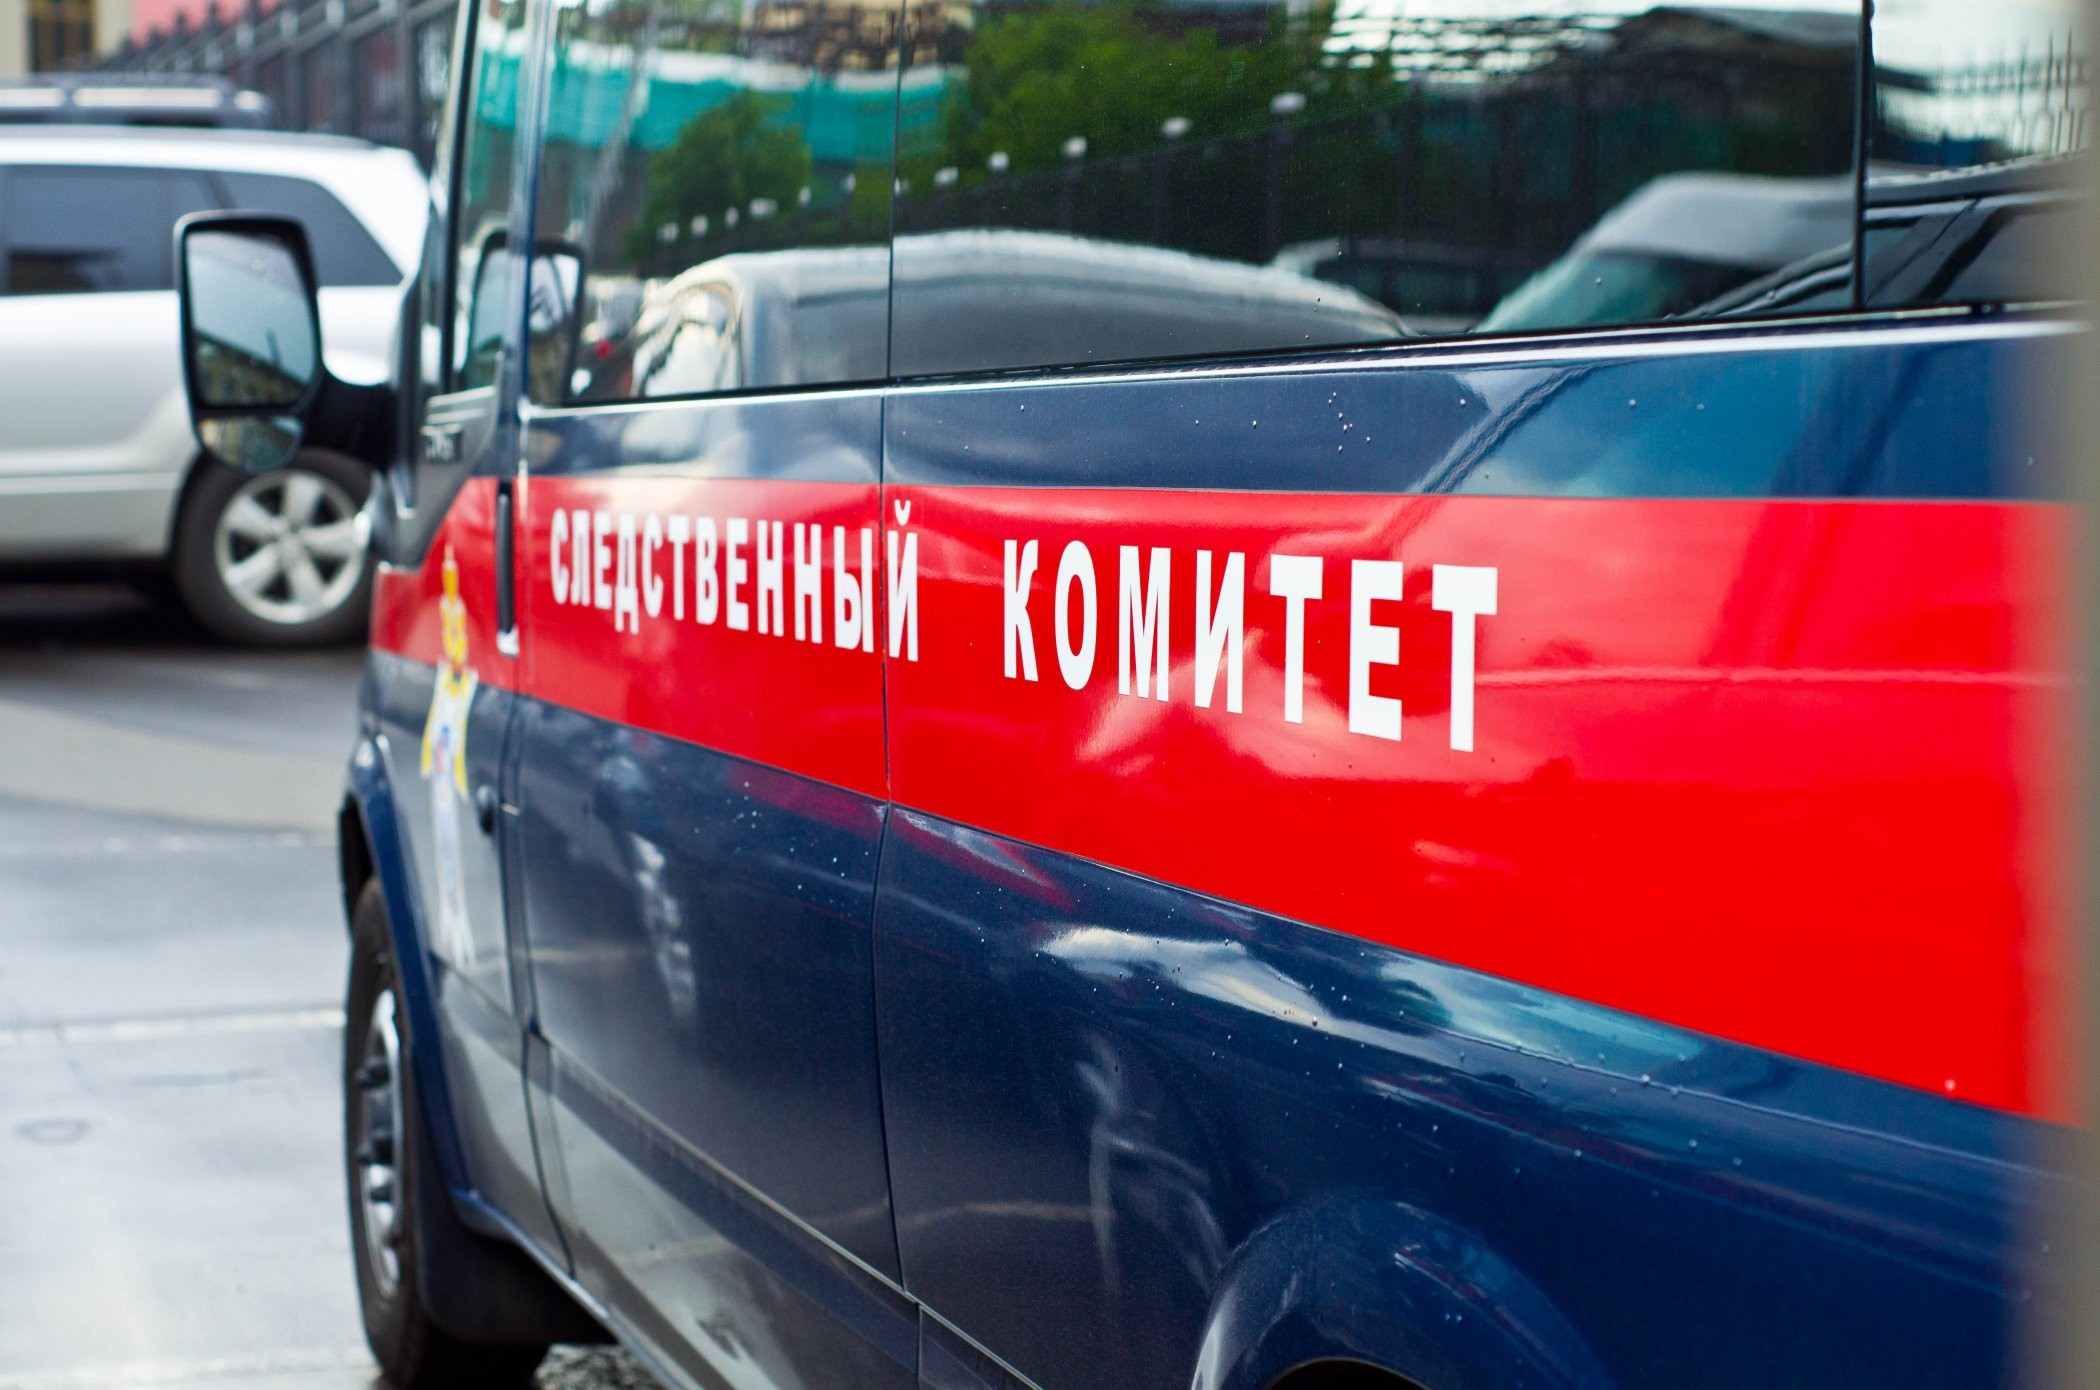 В российской столице накозырьке «Сбербанка» обнаружили мертвого мужчину